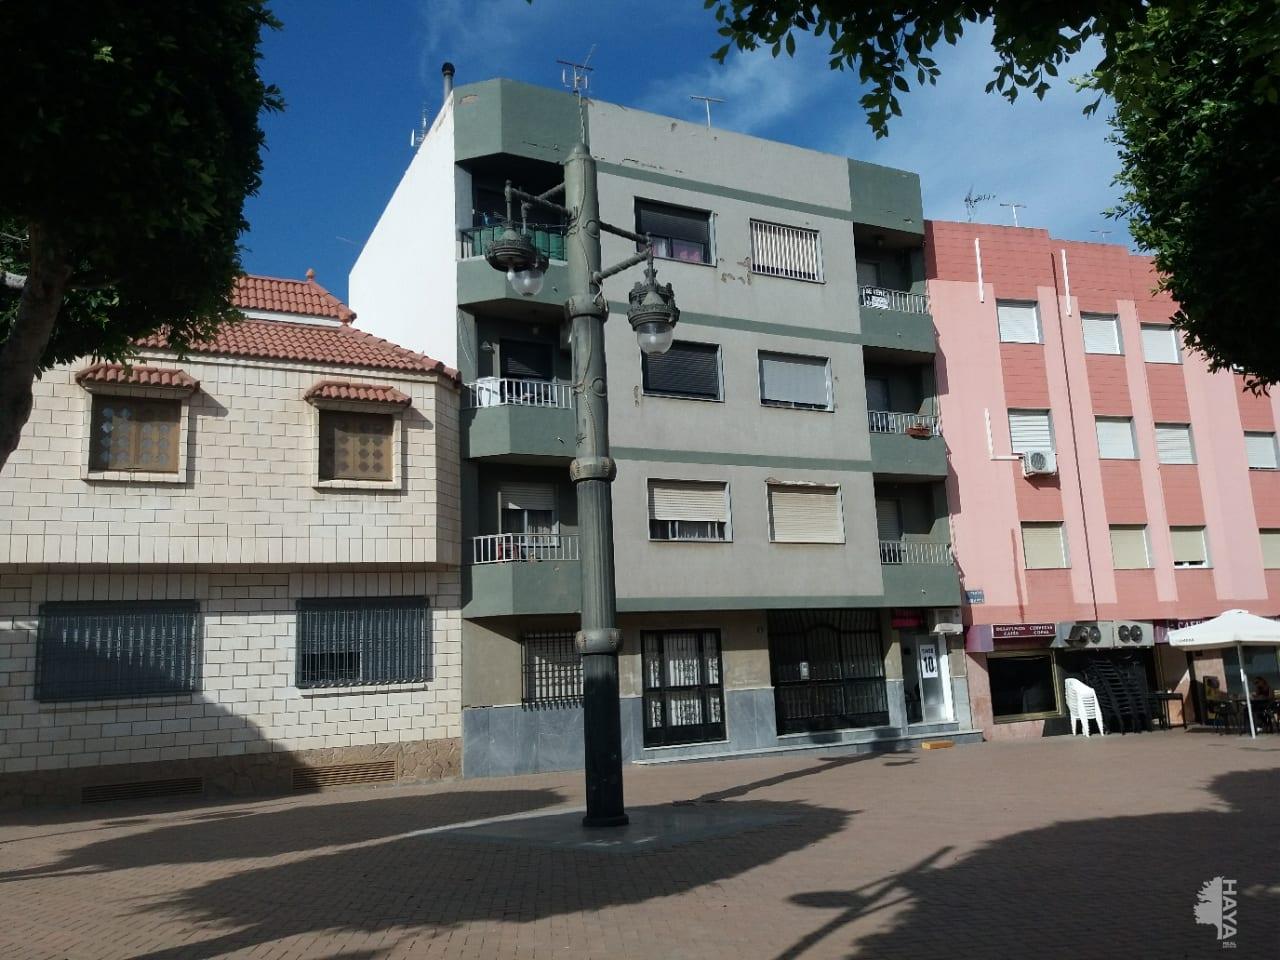 Piso en venta en Visiedo, Viator, Almería, Plaza Andalucia, 86.835 €, 3 habitaciones, 1 baño, 85 m2